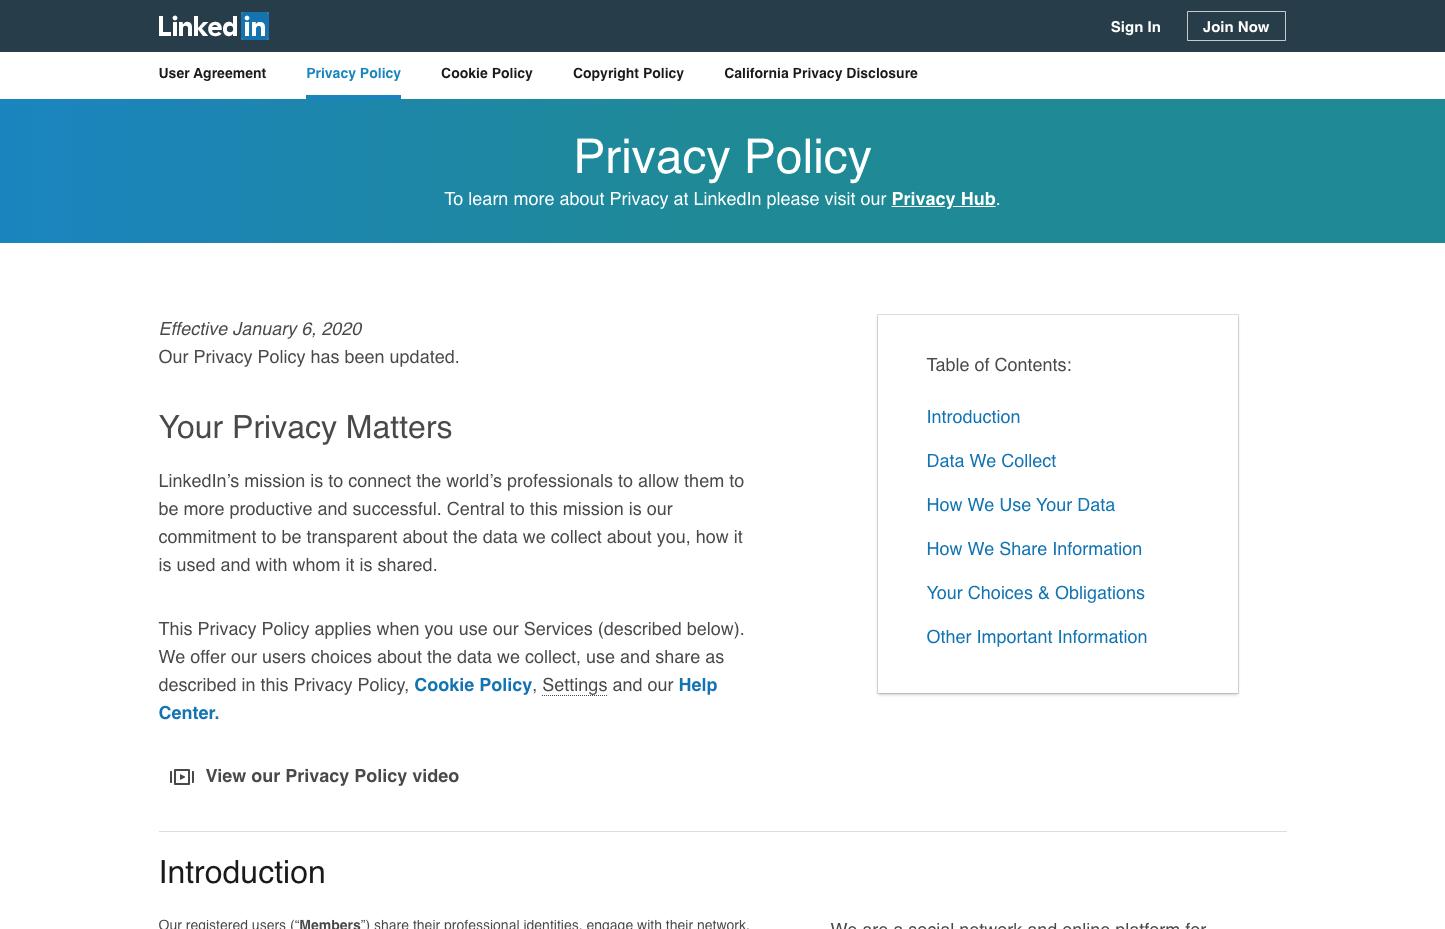 """Политика конфиденциальности  LinkedIn, написанная """"упрощённым"""" языком, без использования терминологии."""